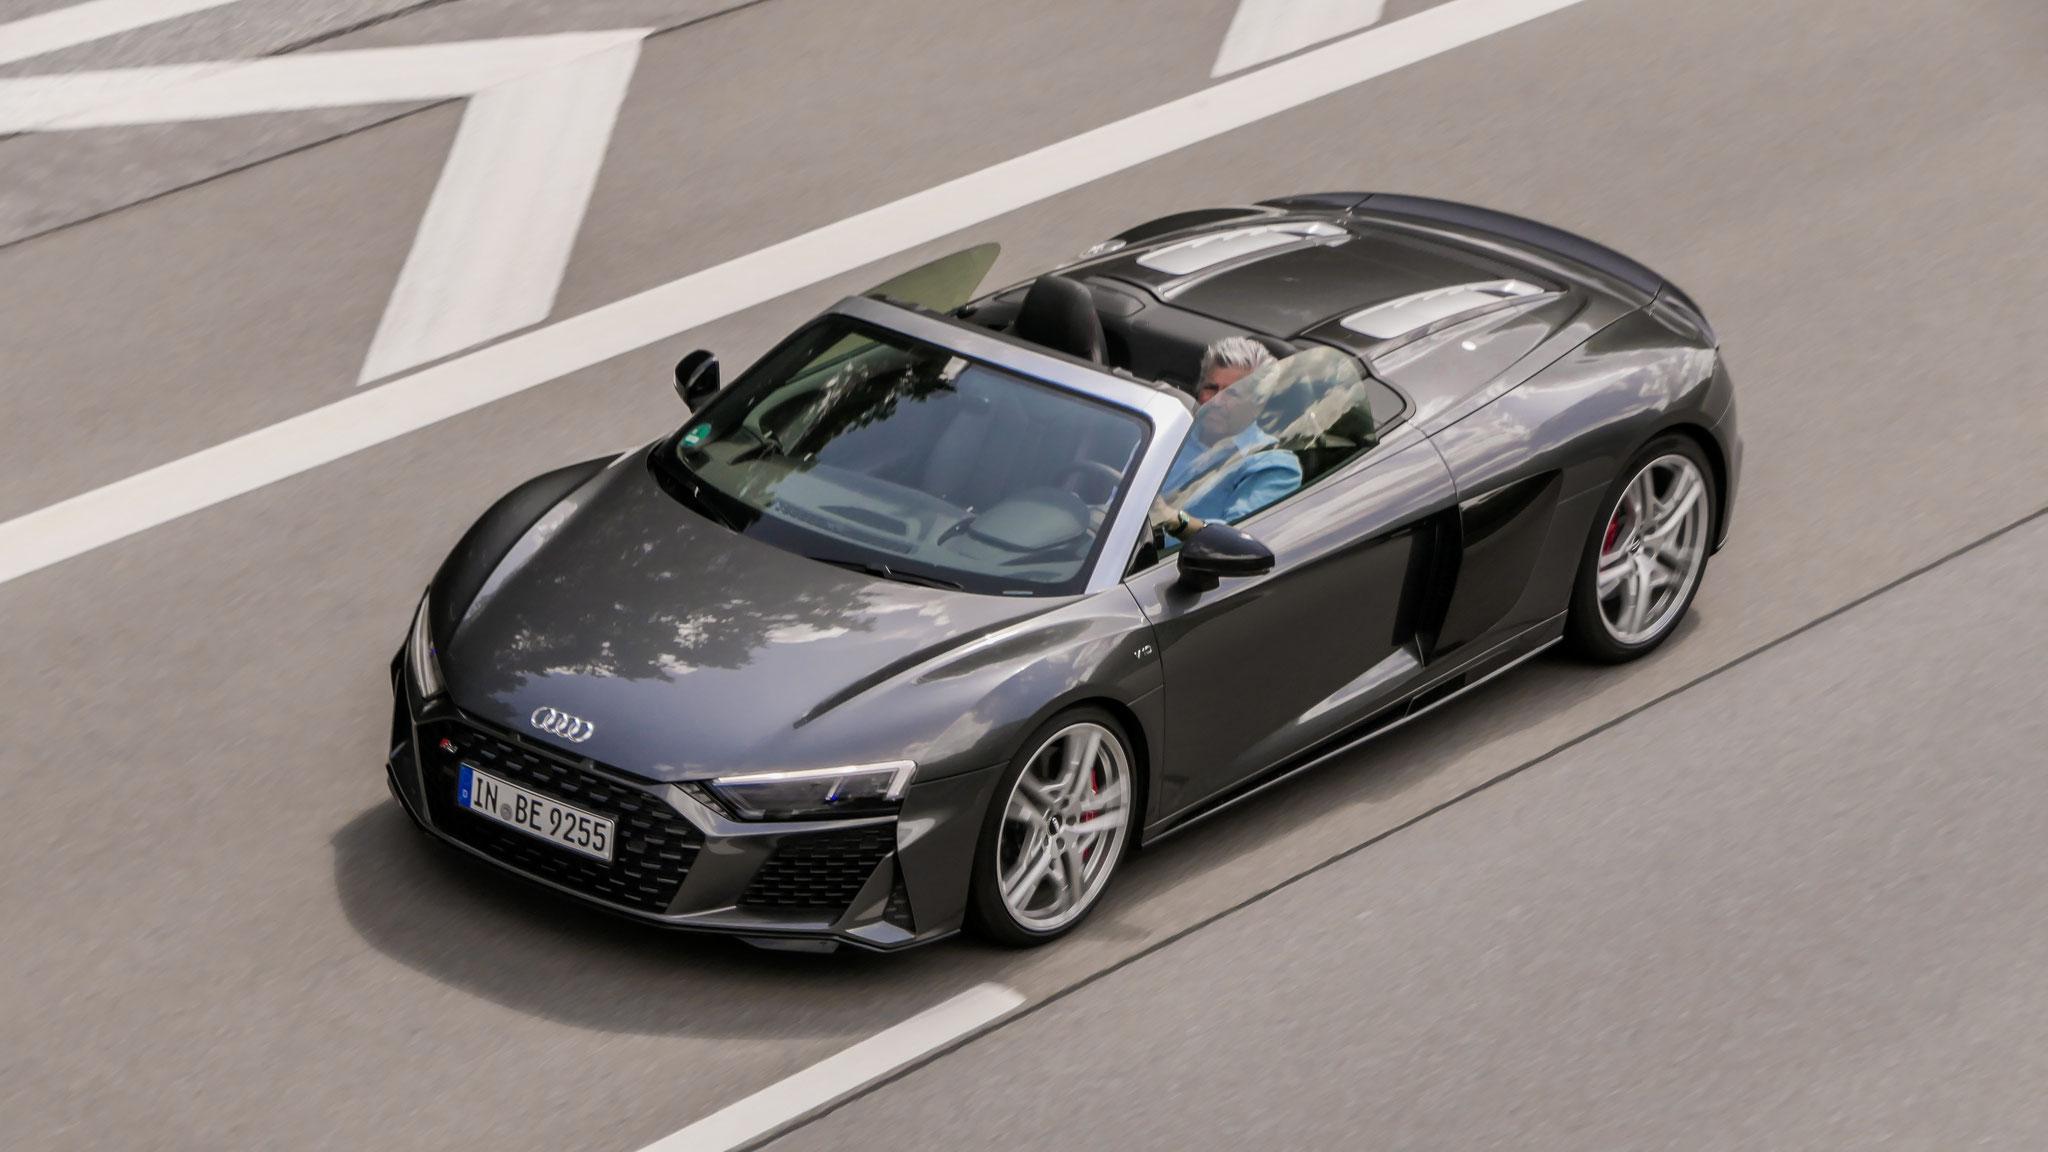 Audi R8 V10 Spyder - IN-BE-9255